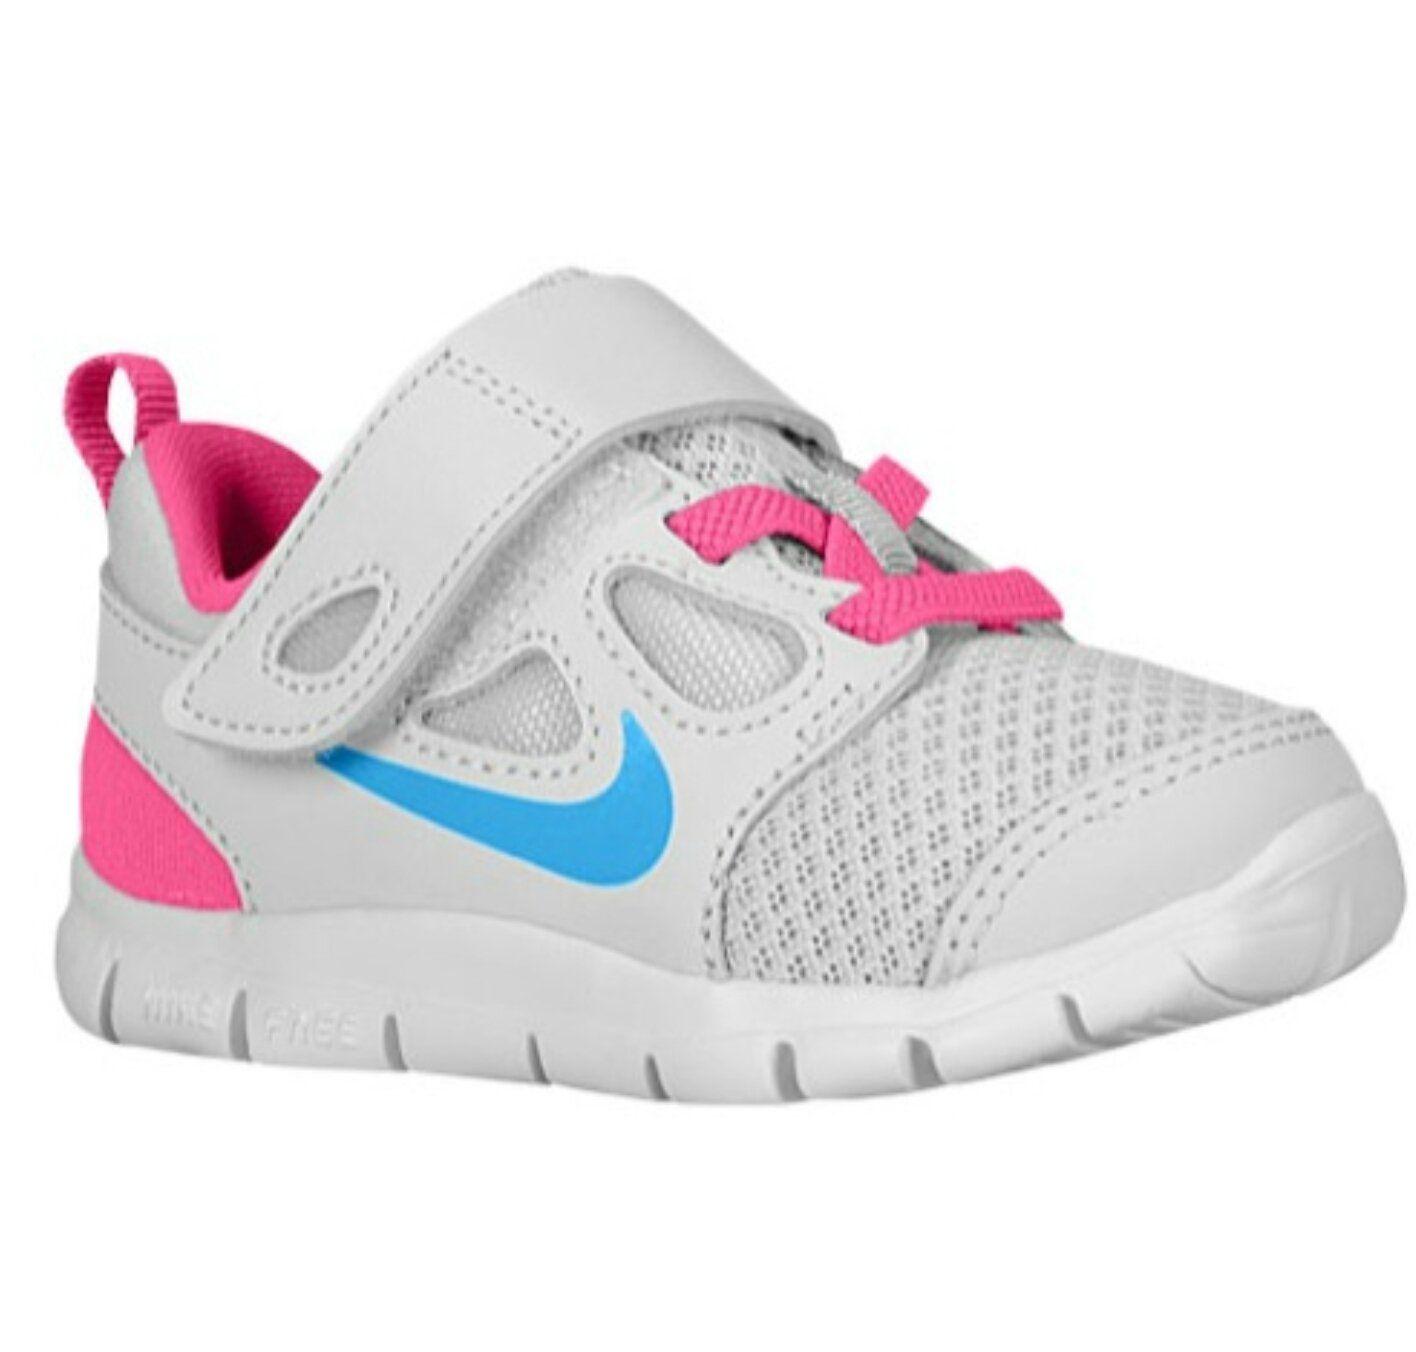 017570407161 Nike free run 5.0 toddler